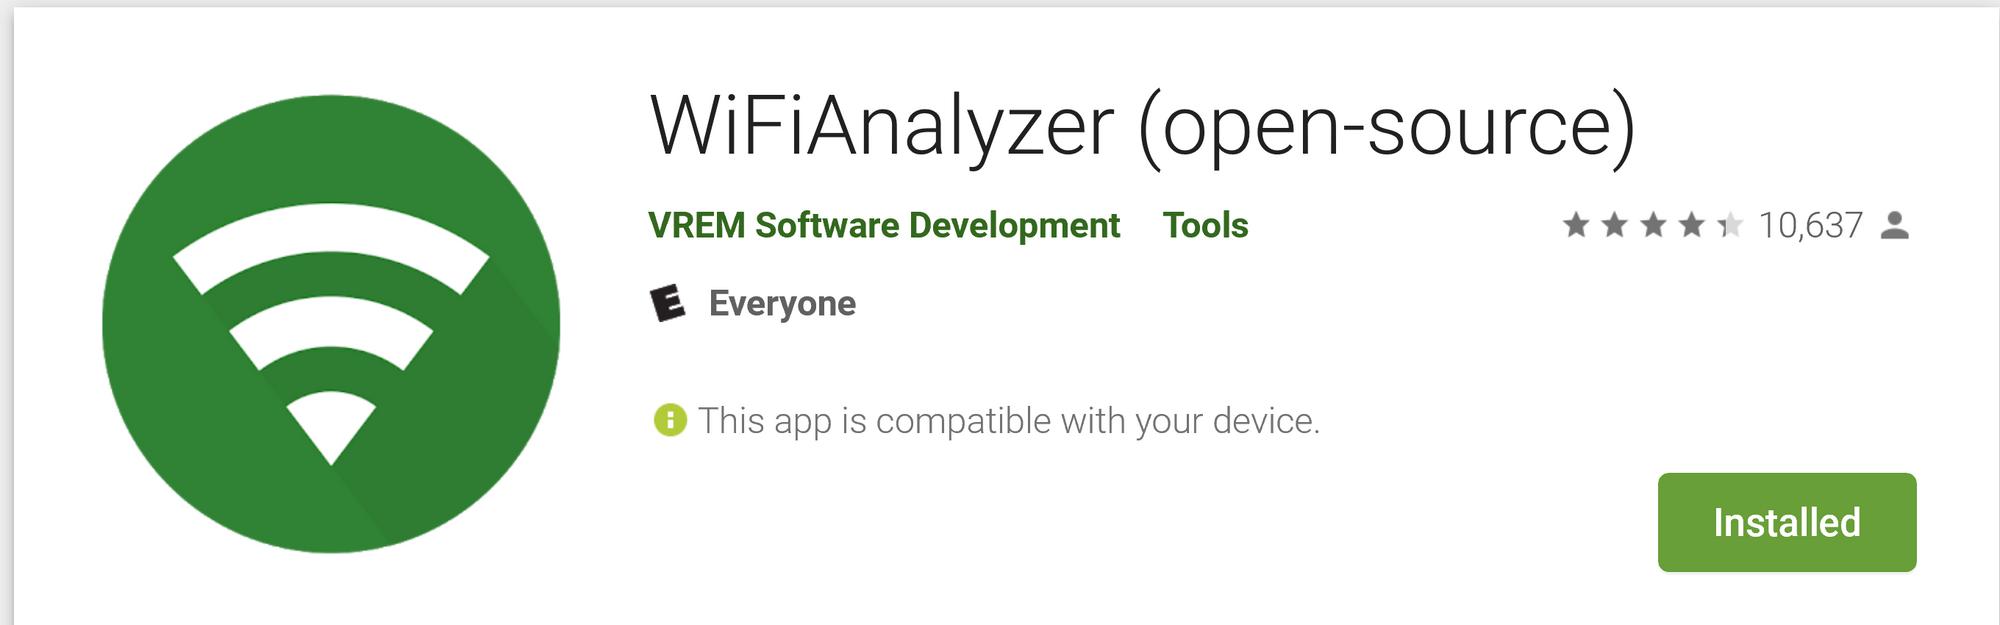 Wifi Analyzer Windows Open Source